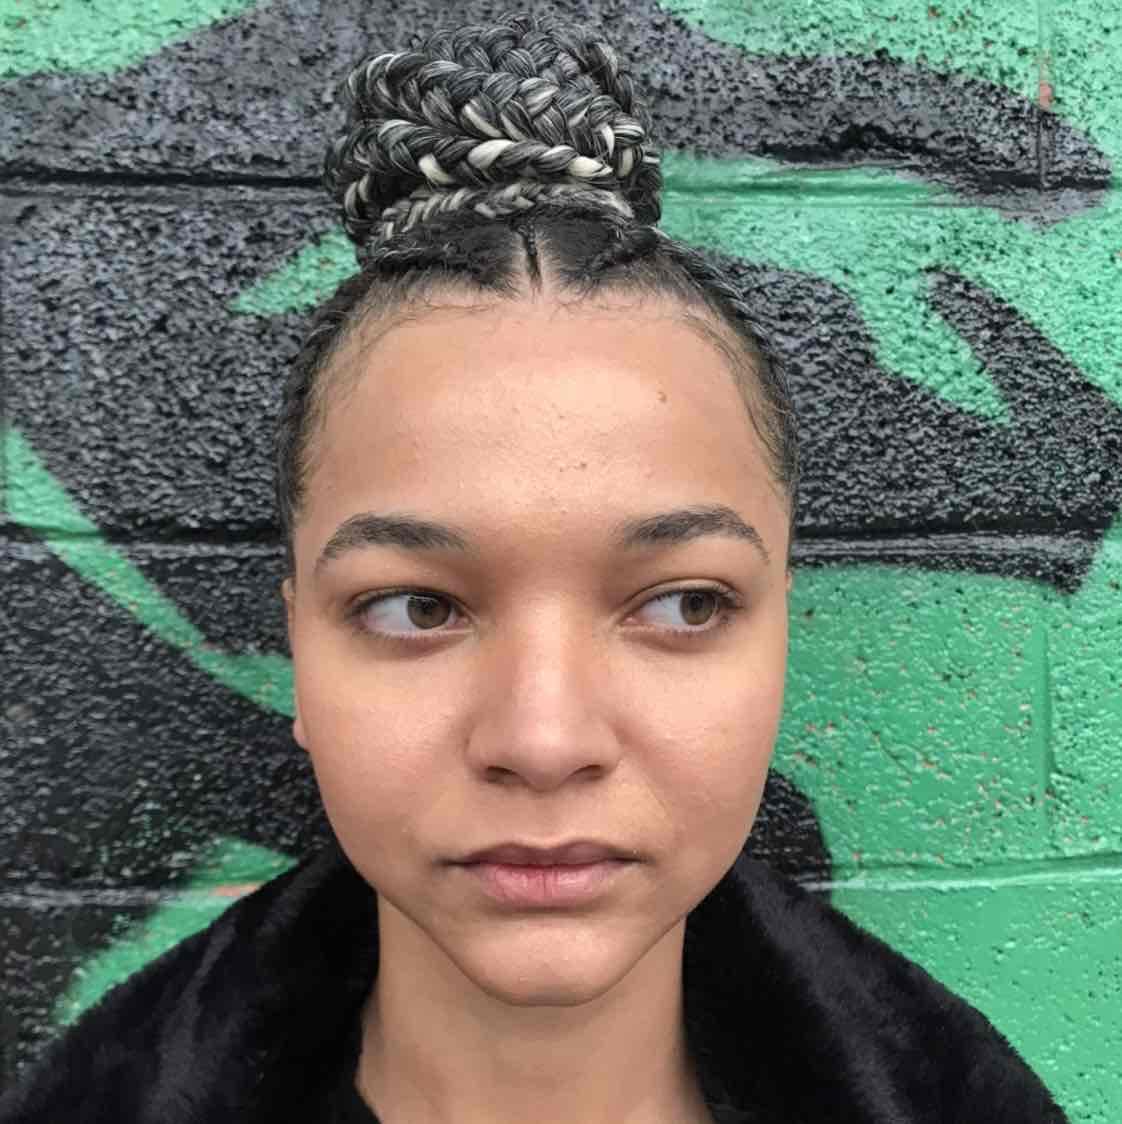 salon de coiffure afro tresse tresses box braids crochet braids vanilles tissages paris 75 77 78 91 92 93 94 95 QNXIVEJQ